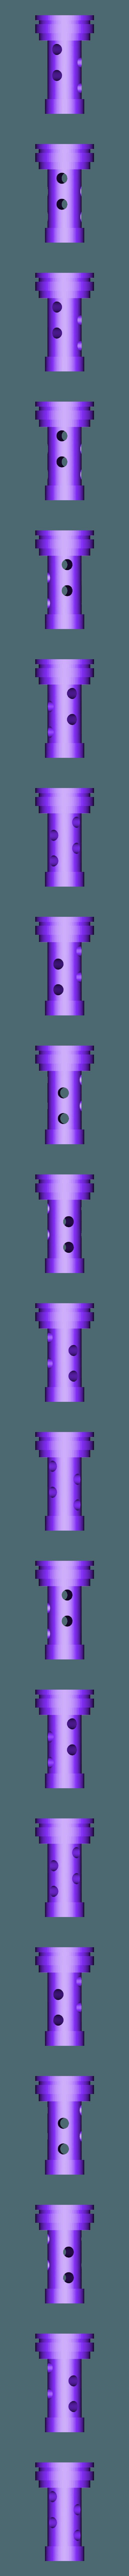 STL_S5_v20_Bottom_Barrel_Tip_.stl Télécharger fichier STL gratuit Pistolet Star Wars Naboo S5 Heavy Blaster • Objet pour impression 3D, Dsk